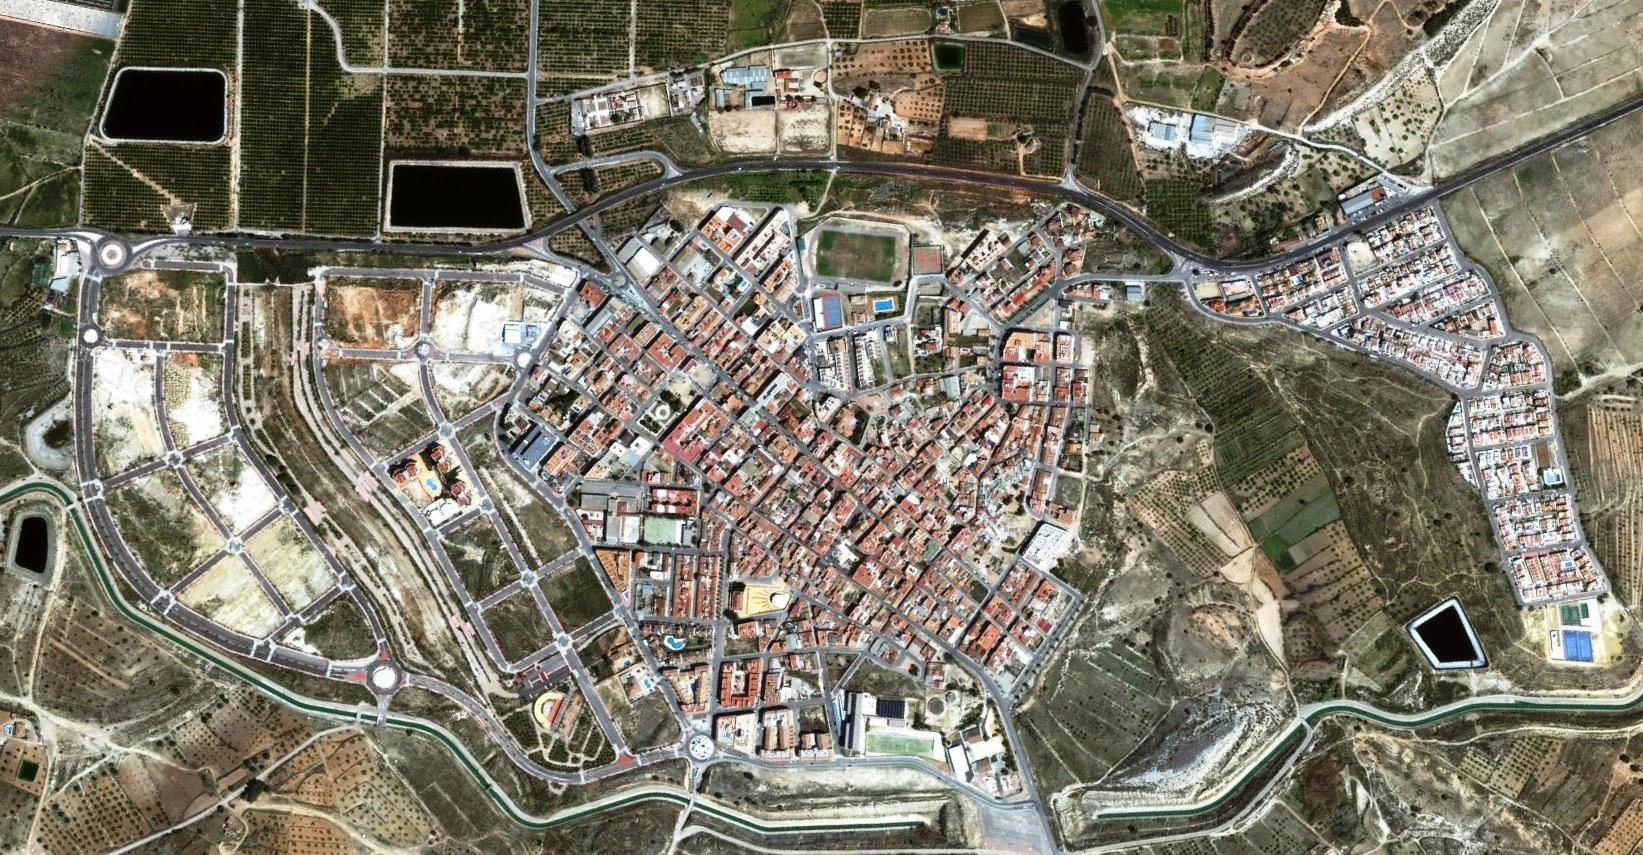 después, urbanismo, foto aérea,desastre, urbanístico, planeamiento, urbano, construcción, San Miguel de Salinas, Alicante, Sant Miquel de les Salines, Alacant